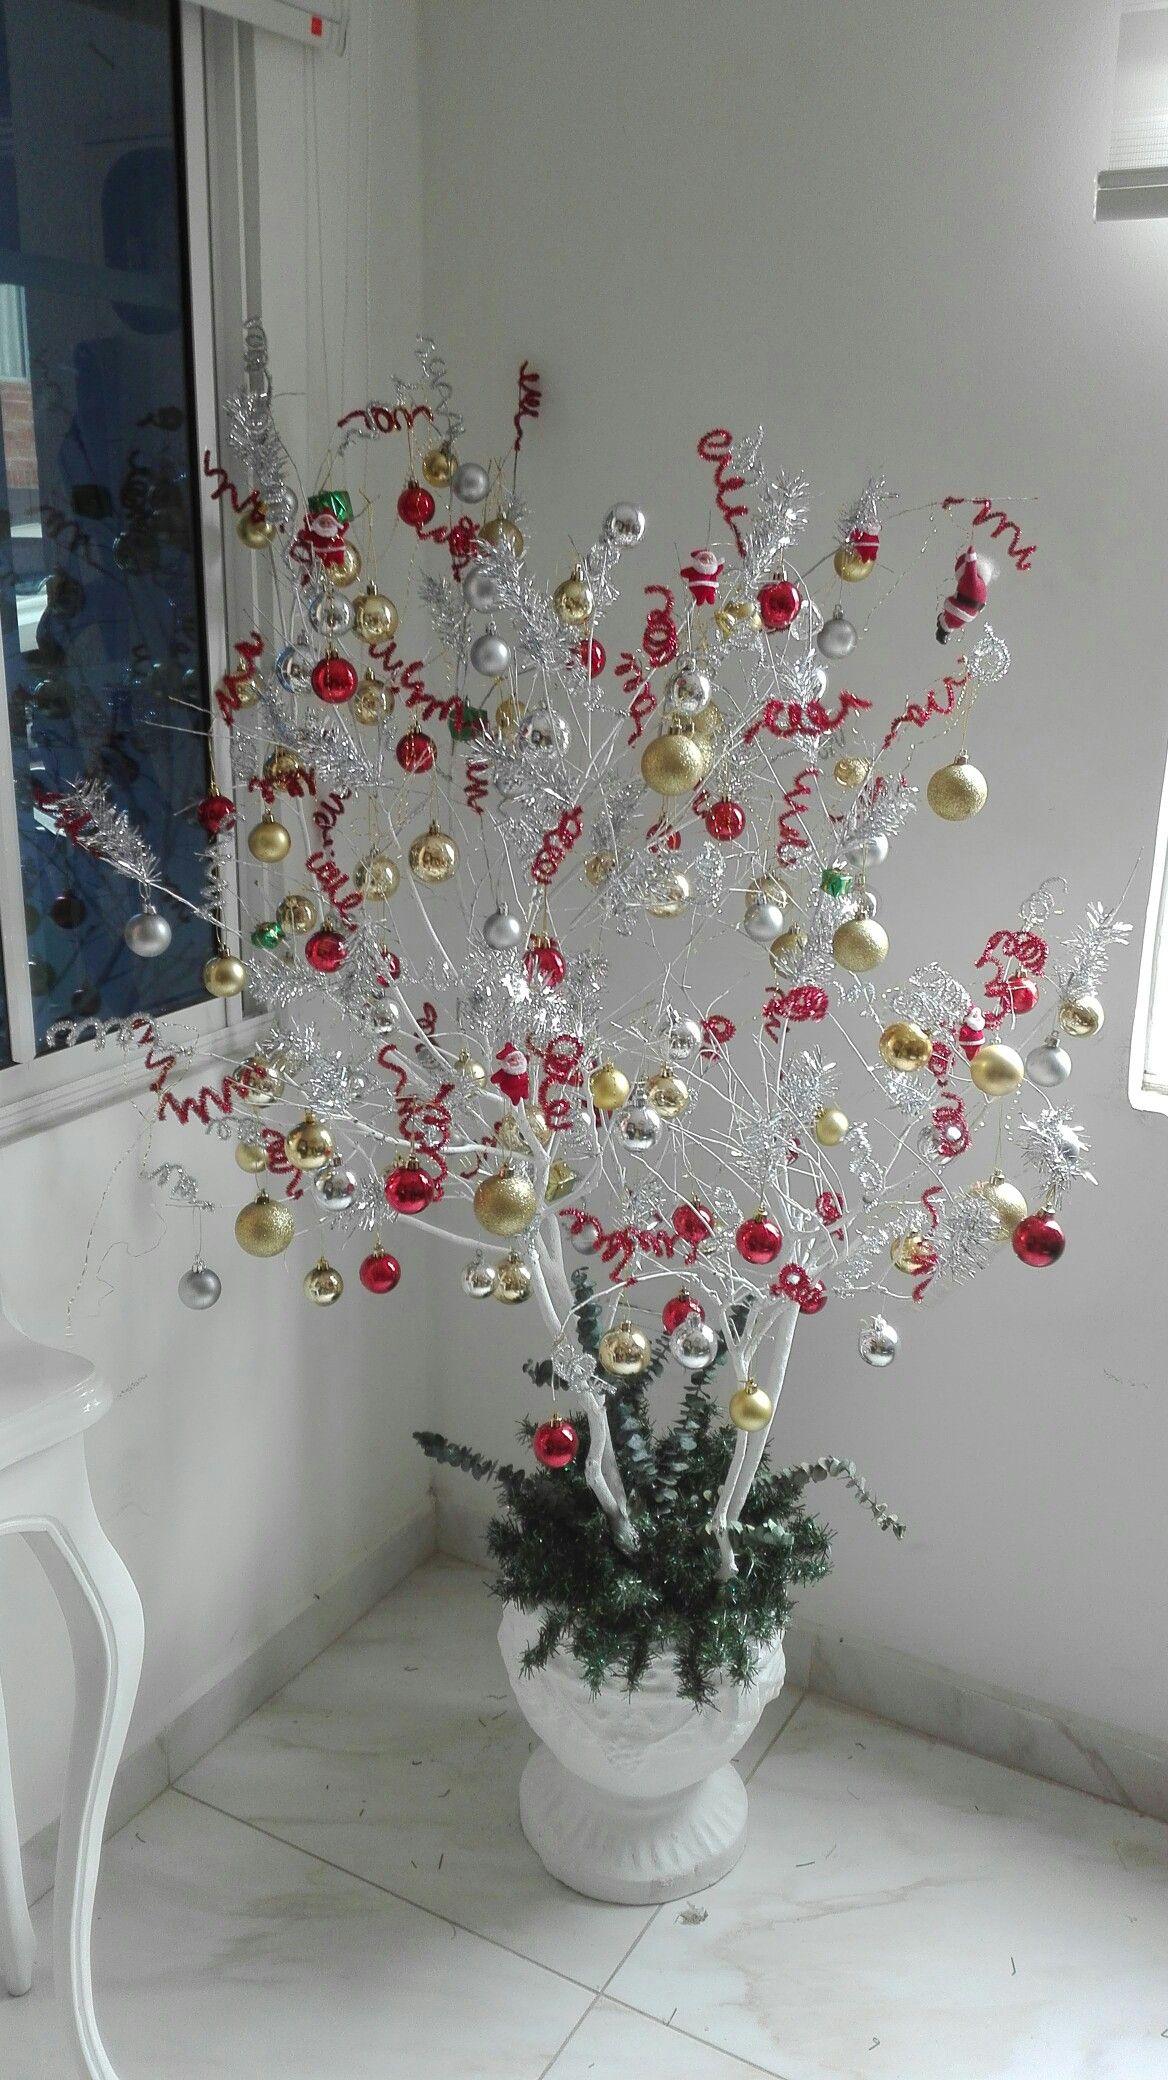 Arbol dise ado chamizo para colocar en matera navidad - Decoracion arboles navidenos ...